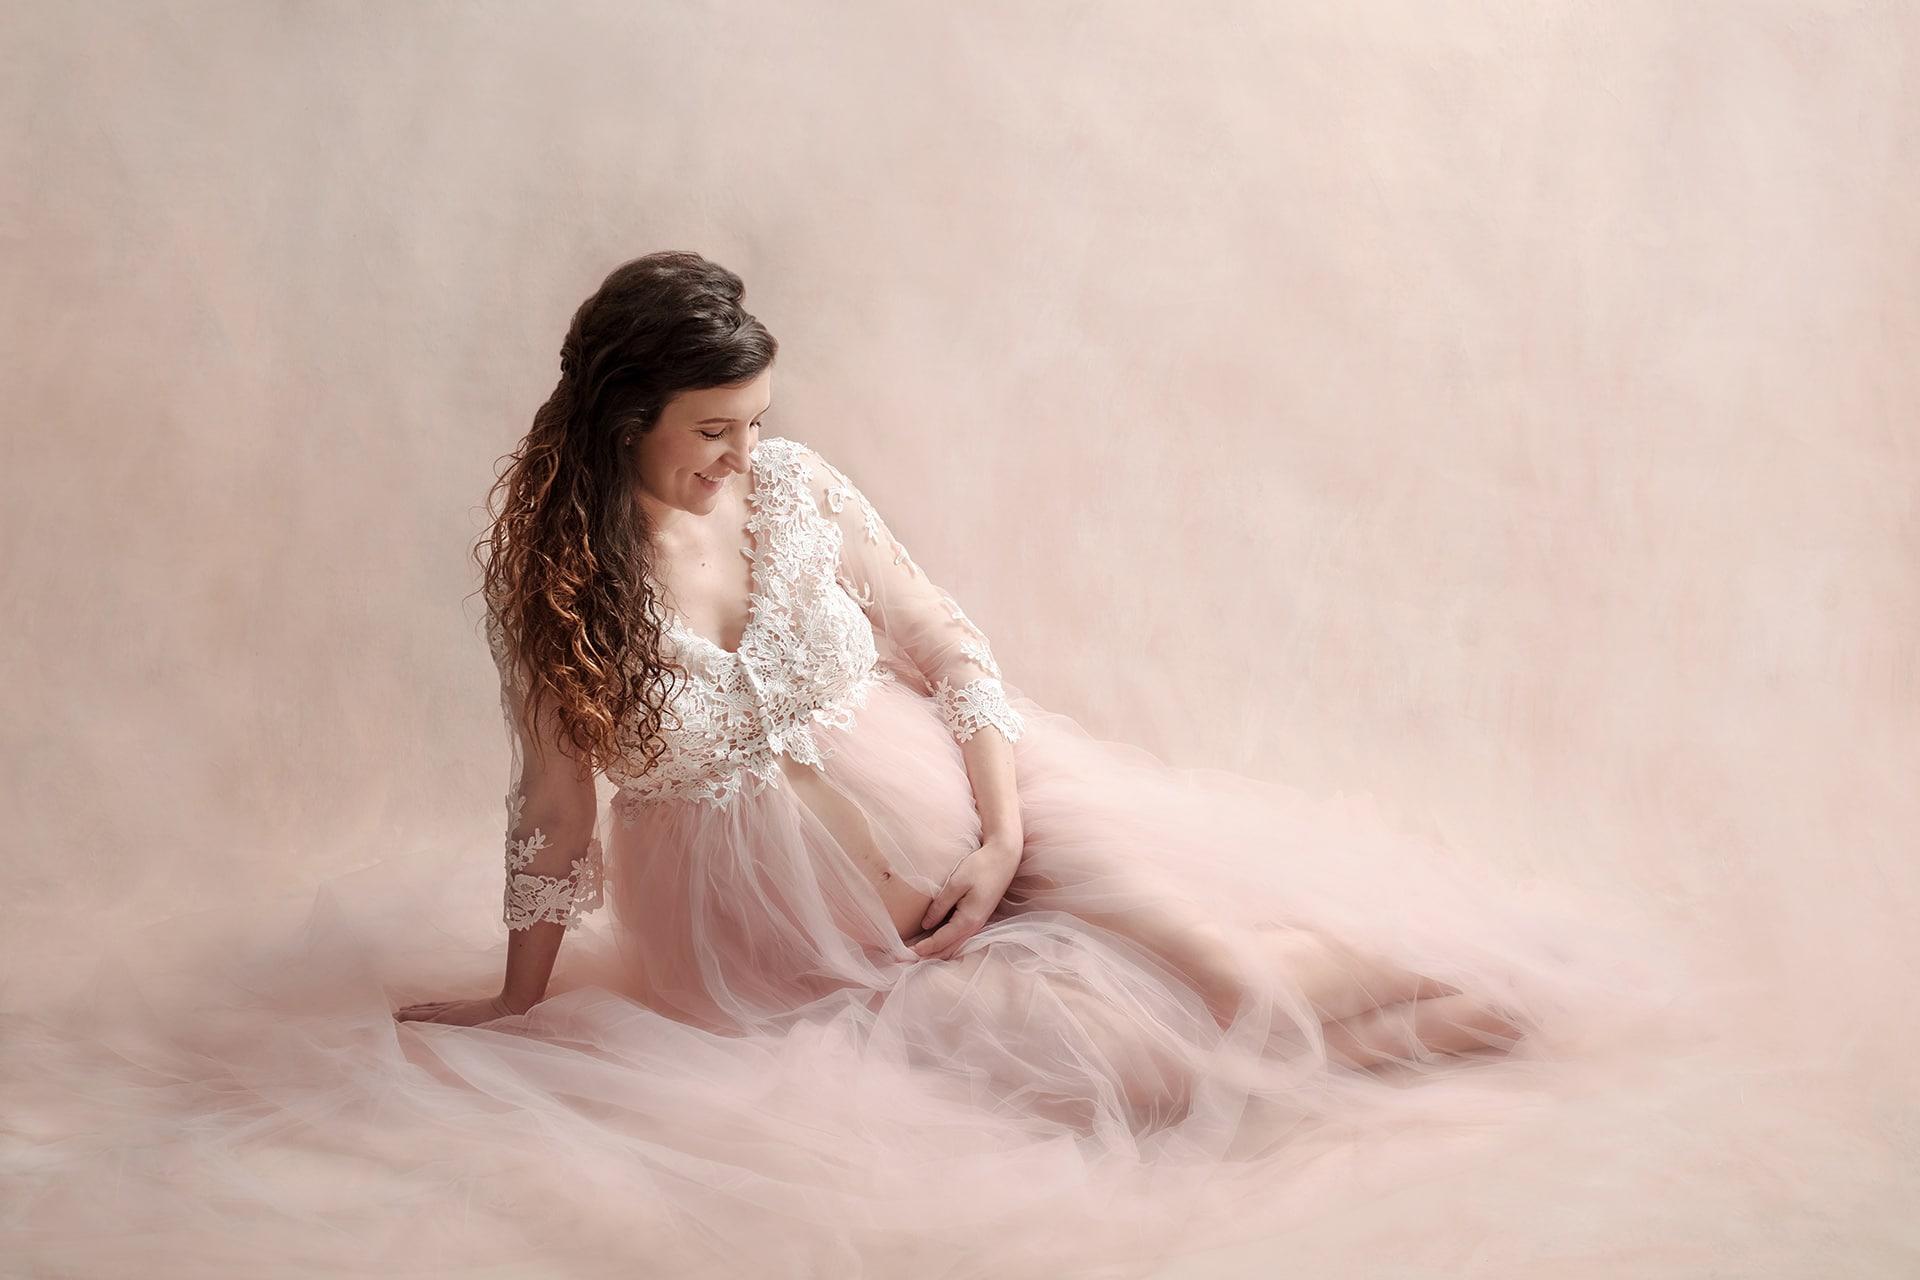 Femme enceinte avec jolie robe dentelle et tulle